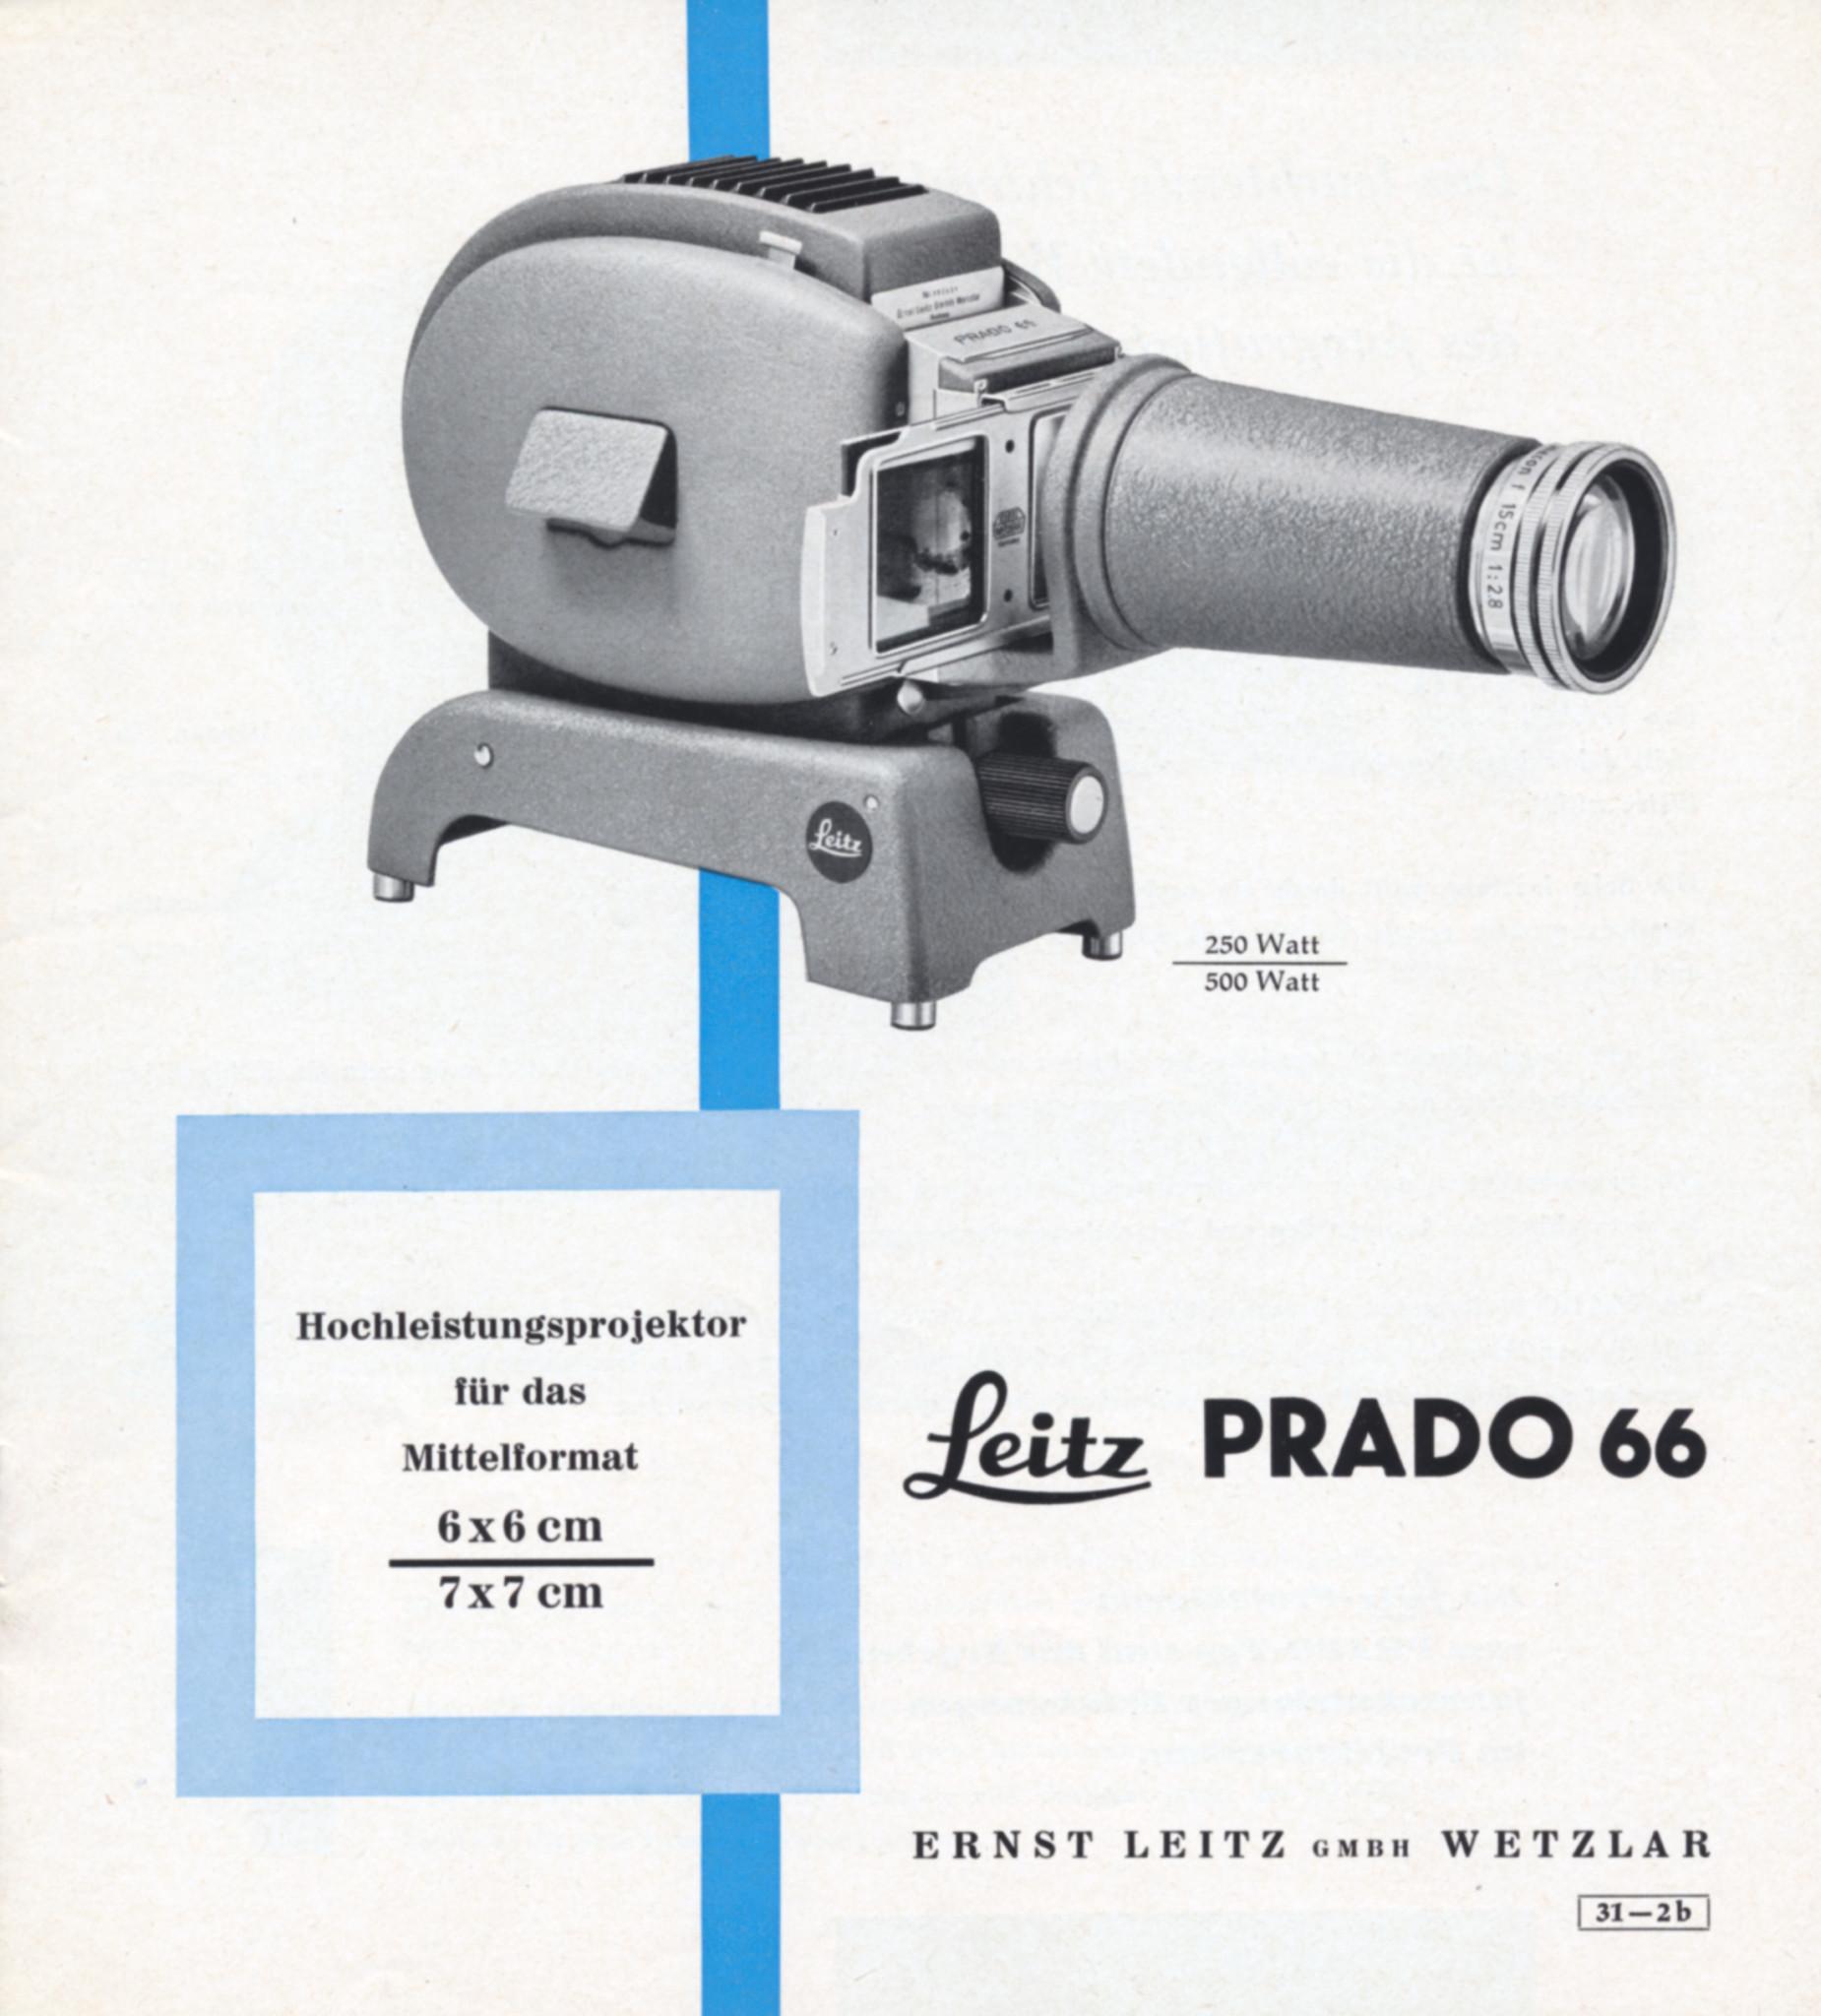 Leitz Prado 66